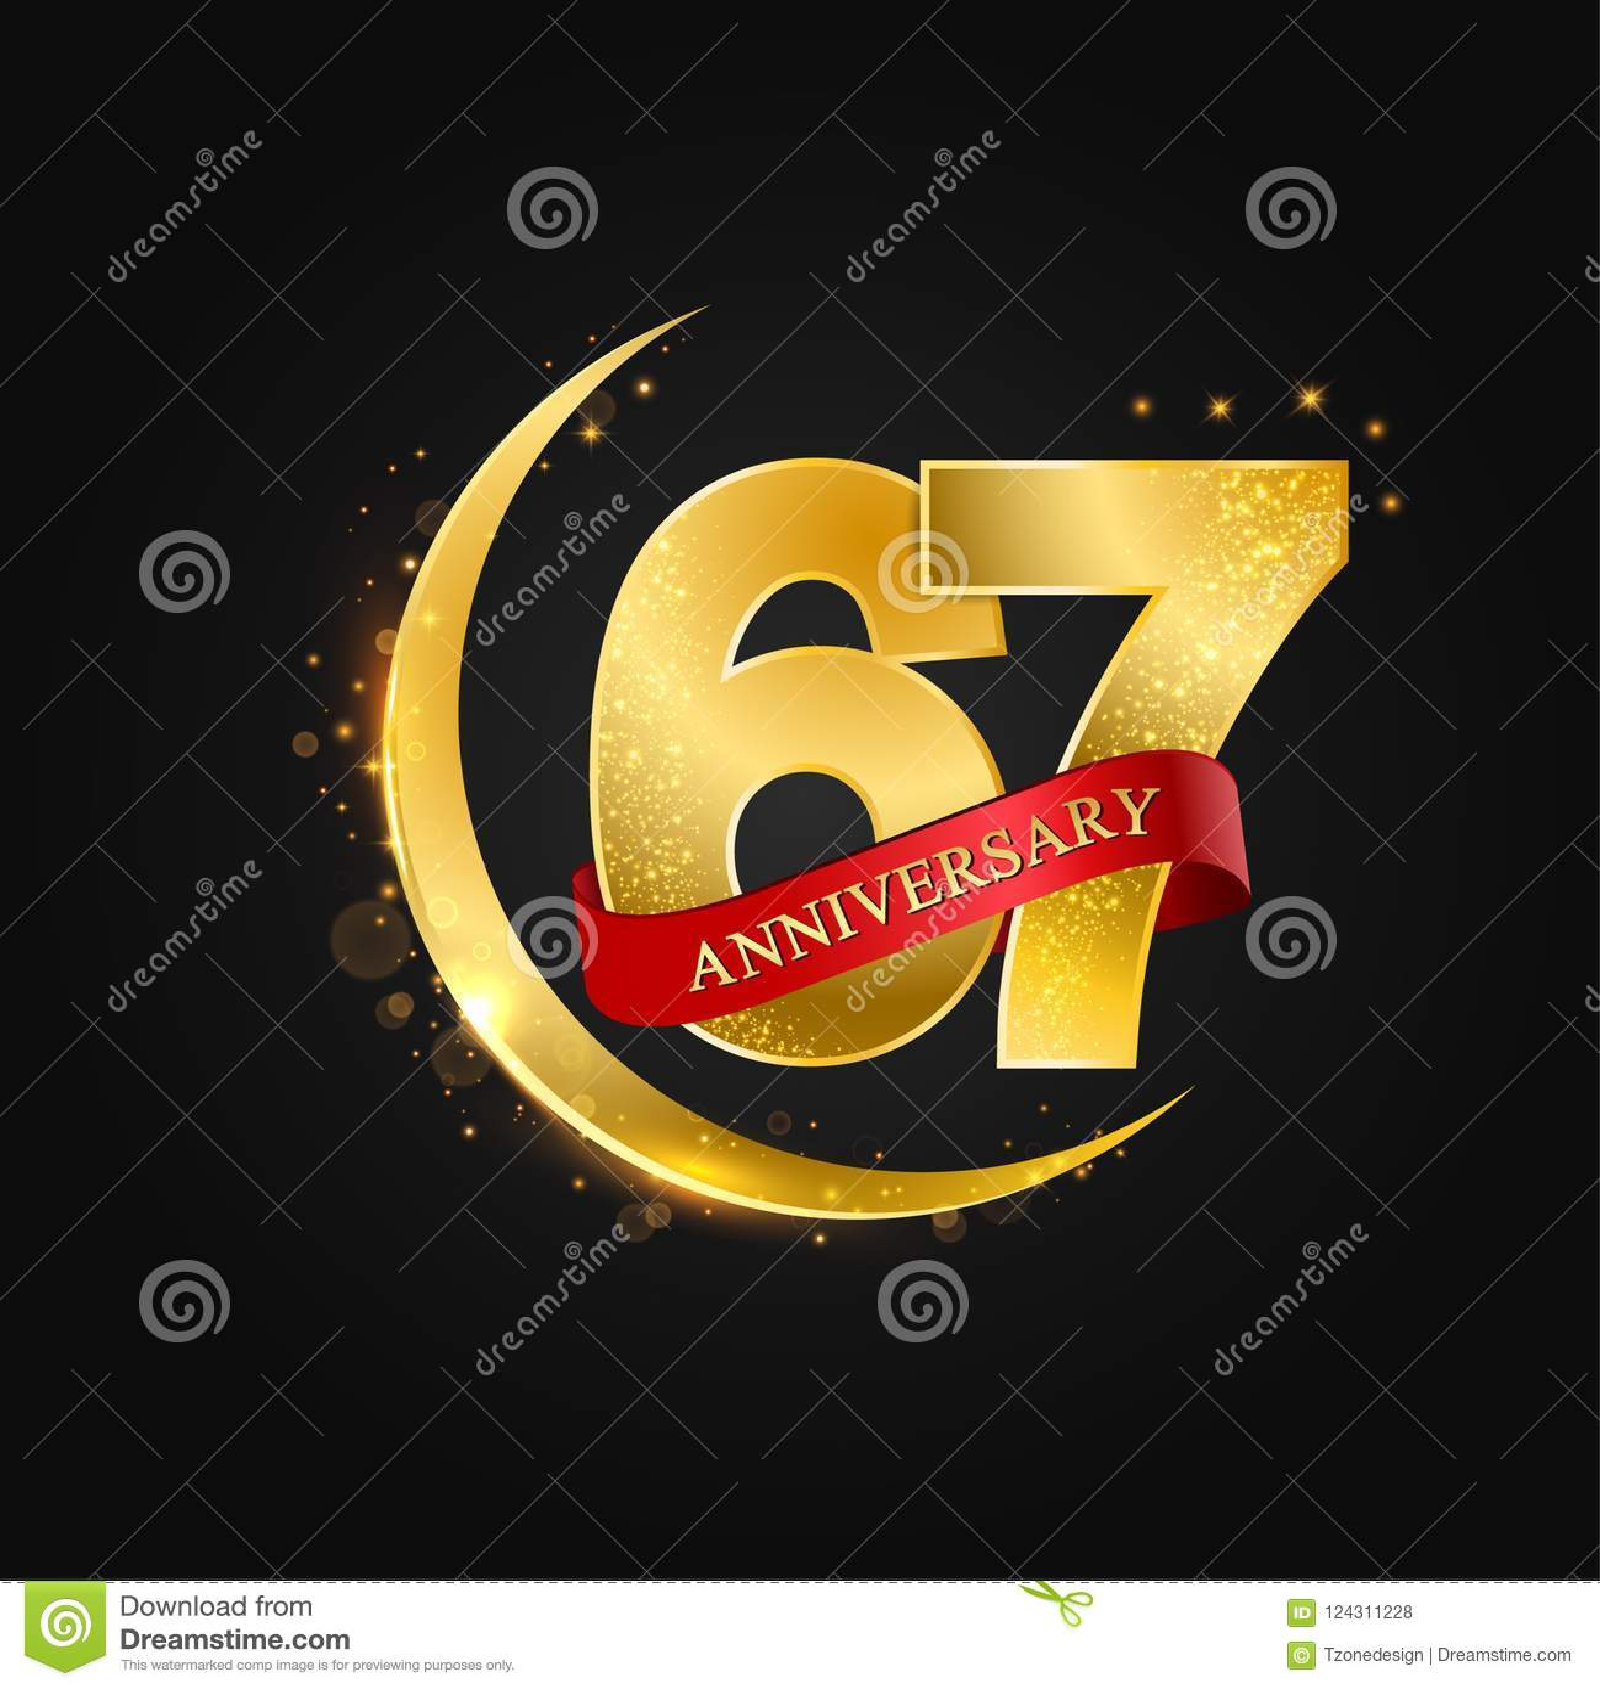 Eid Al Adha 67 Years Anniversaryttern With Arabic Golden Gold